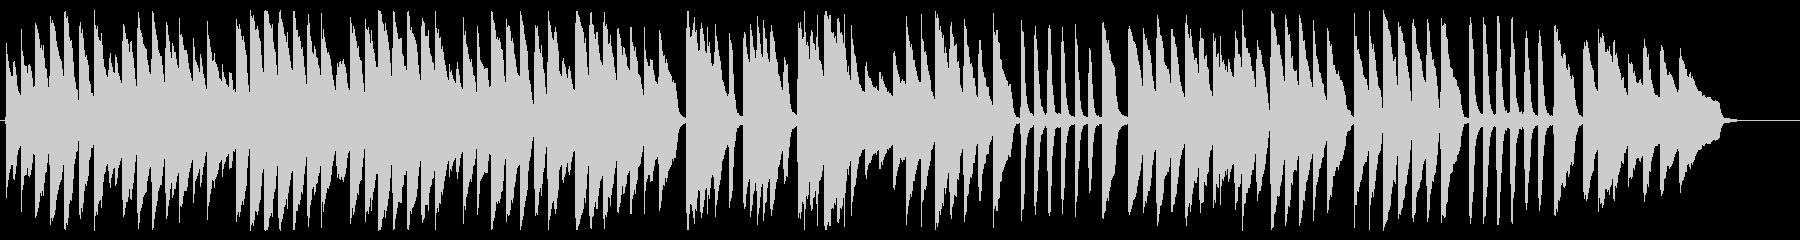 キラキラ星 ピアノver.の未再生の波形